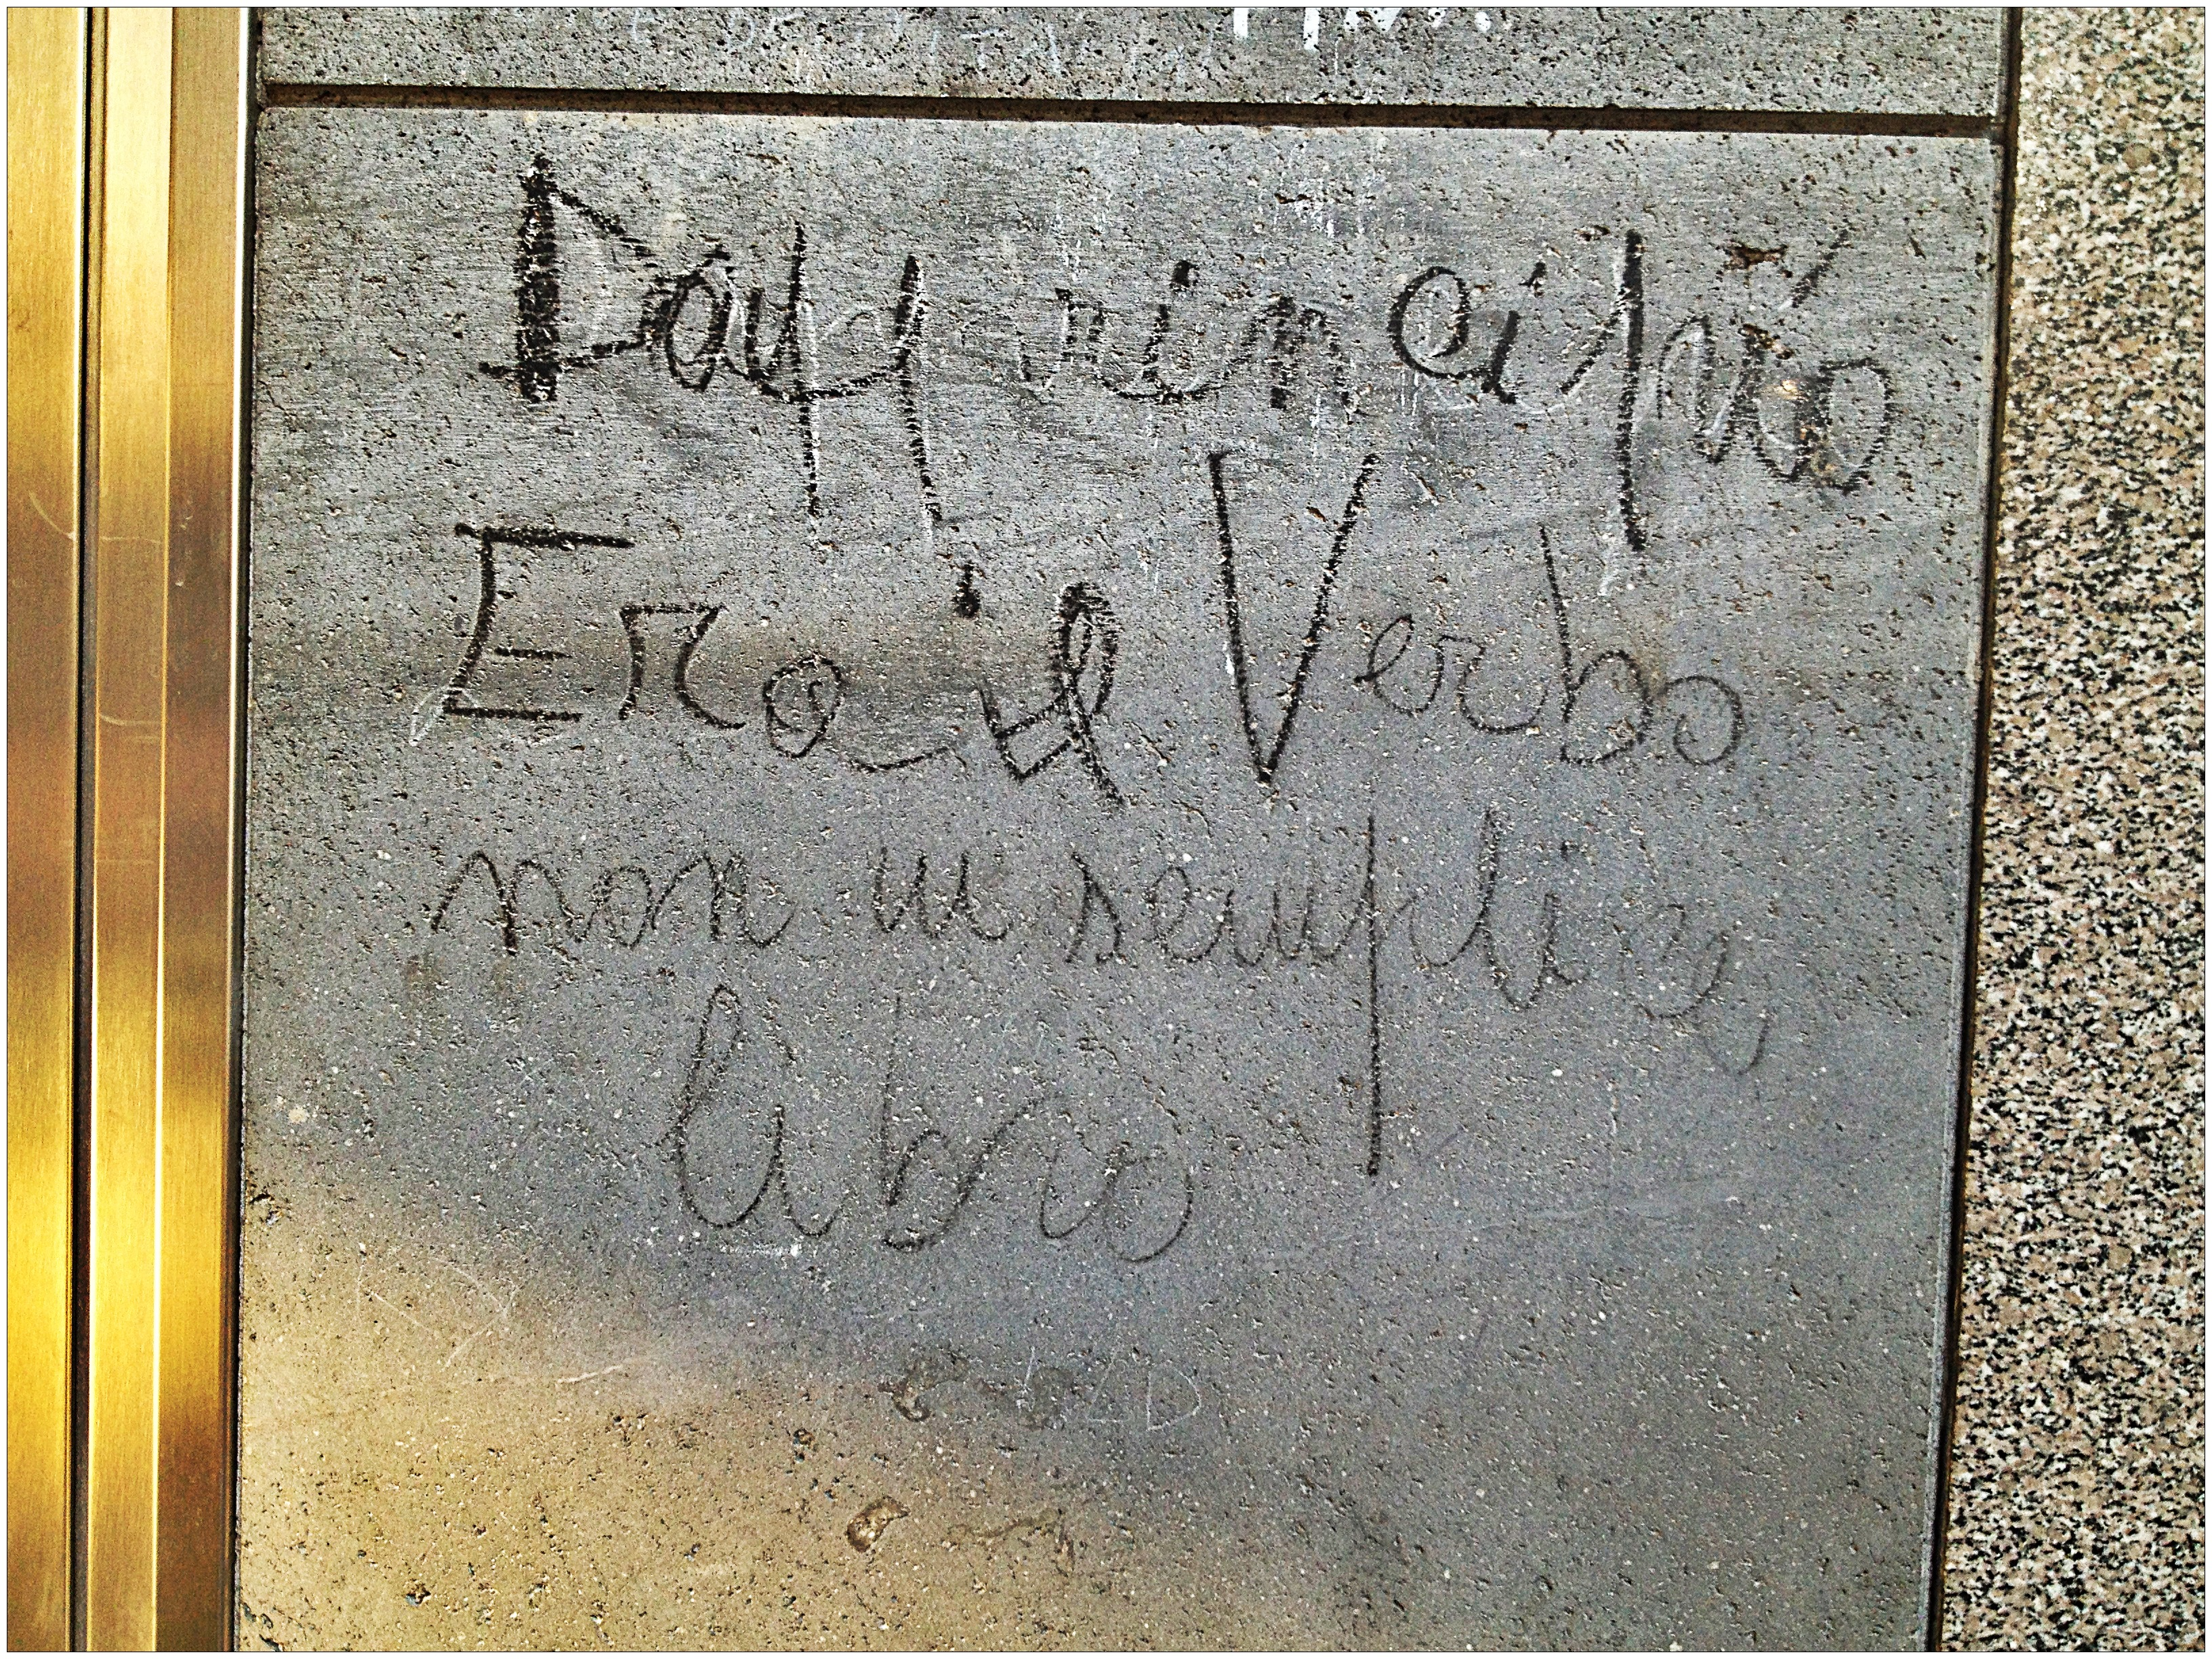 Scritte sui muri 7 quartopianosenzascensore - Scritte muri casa ...